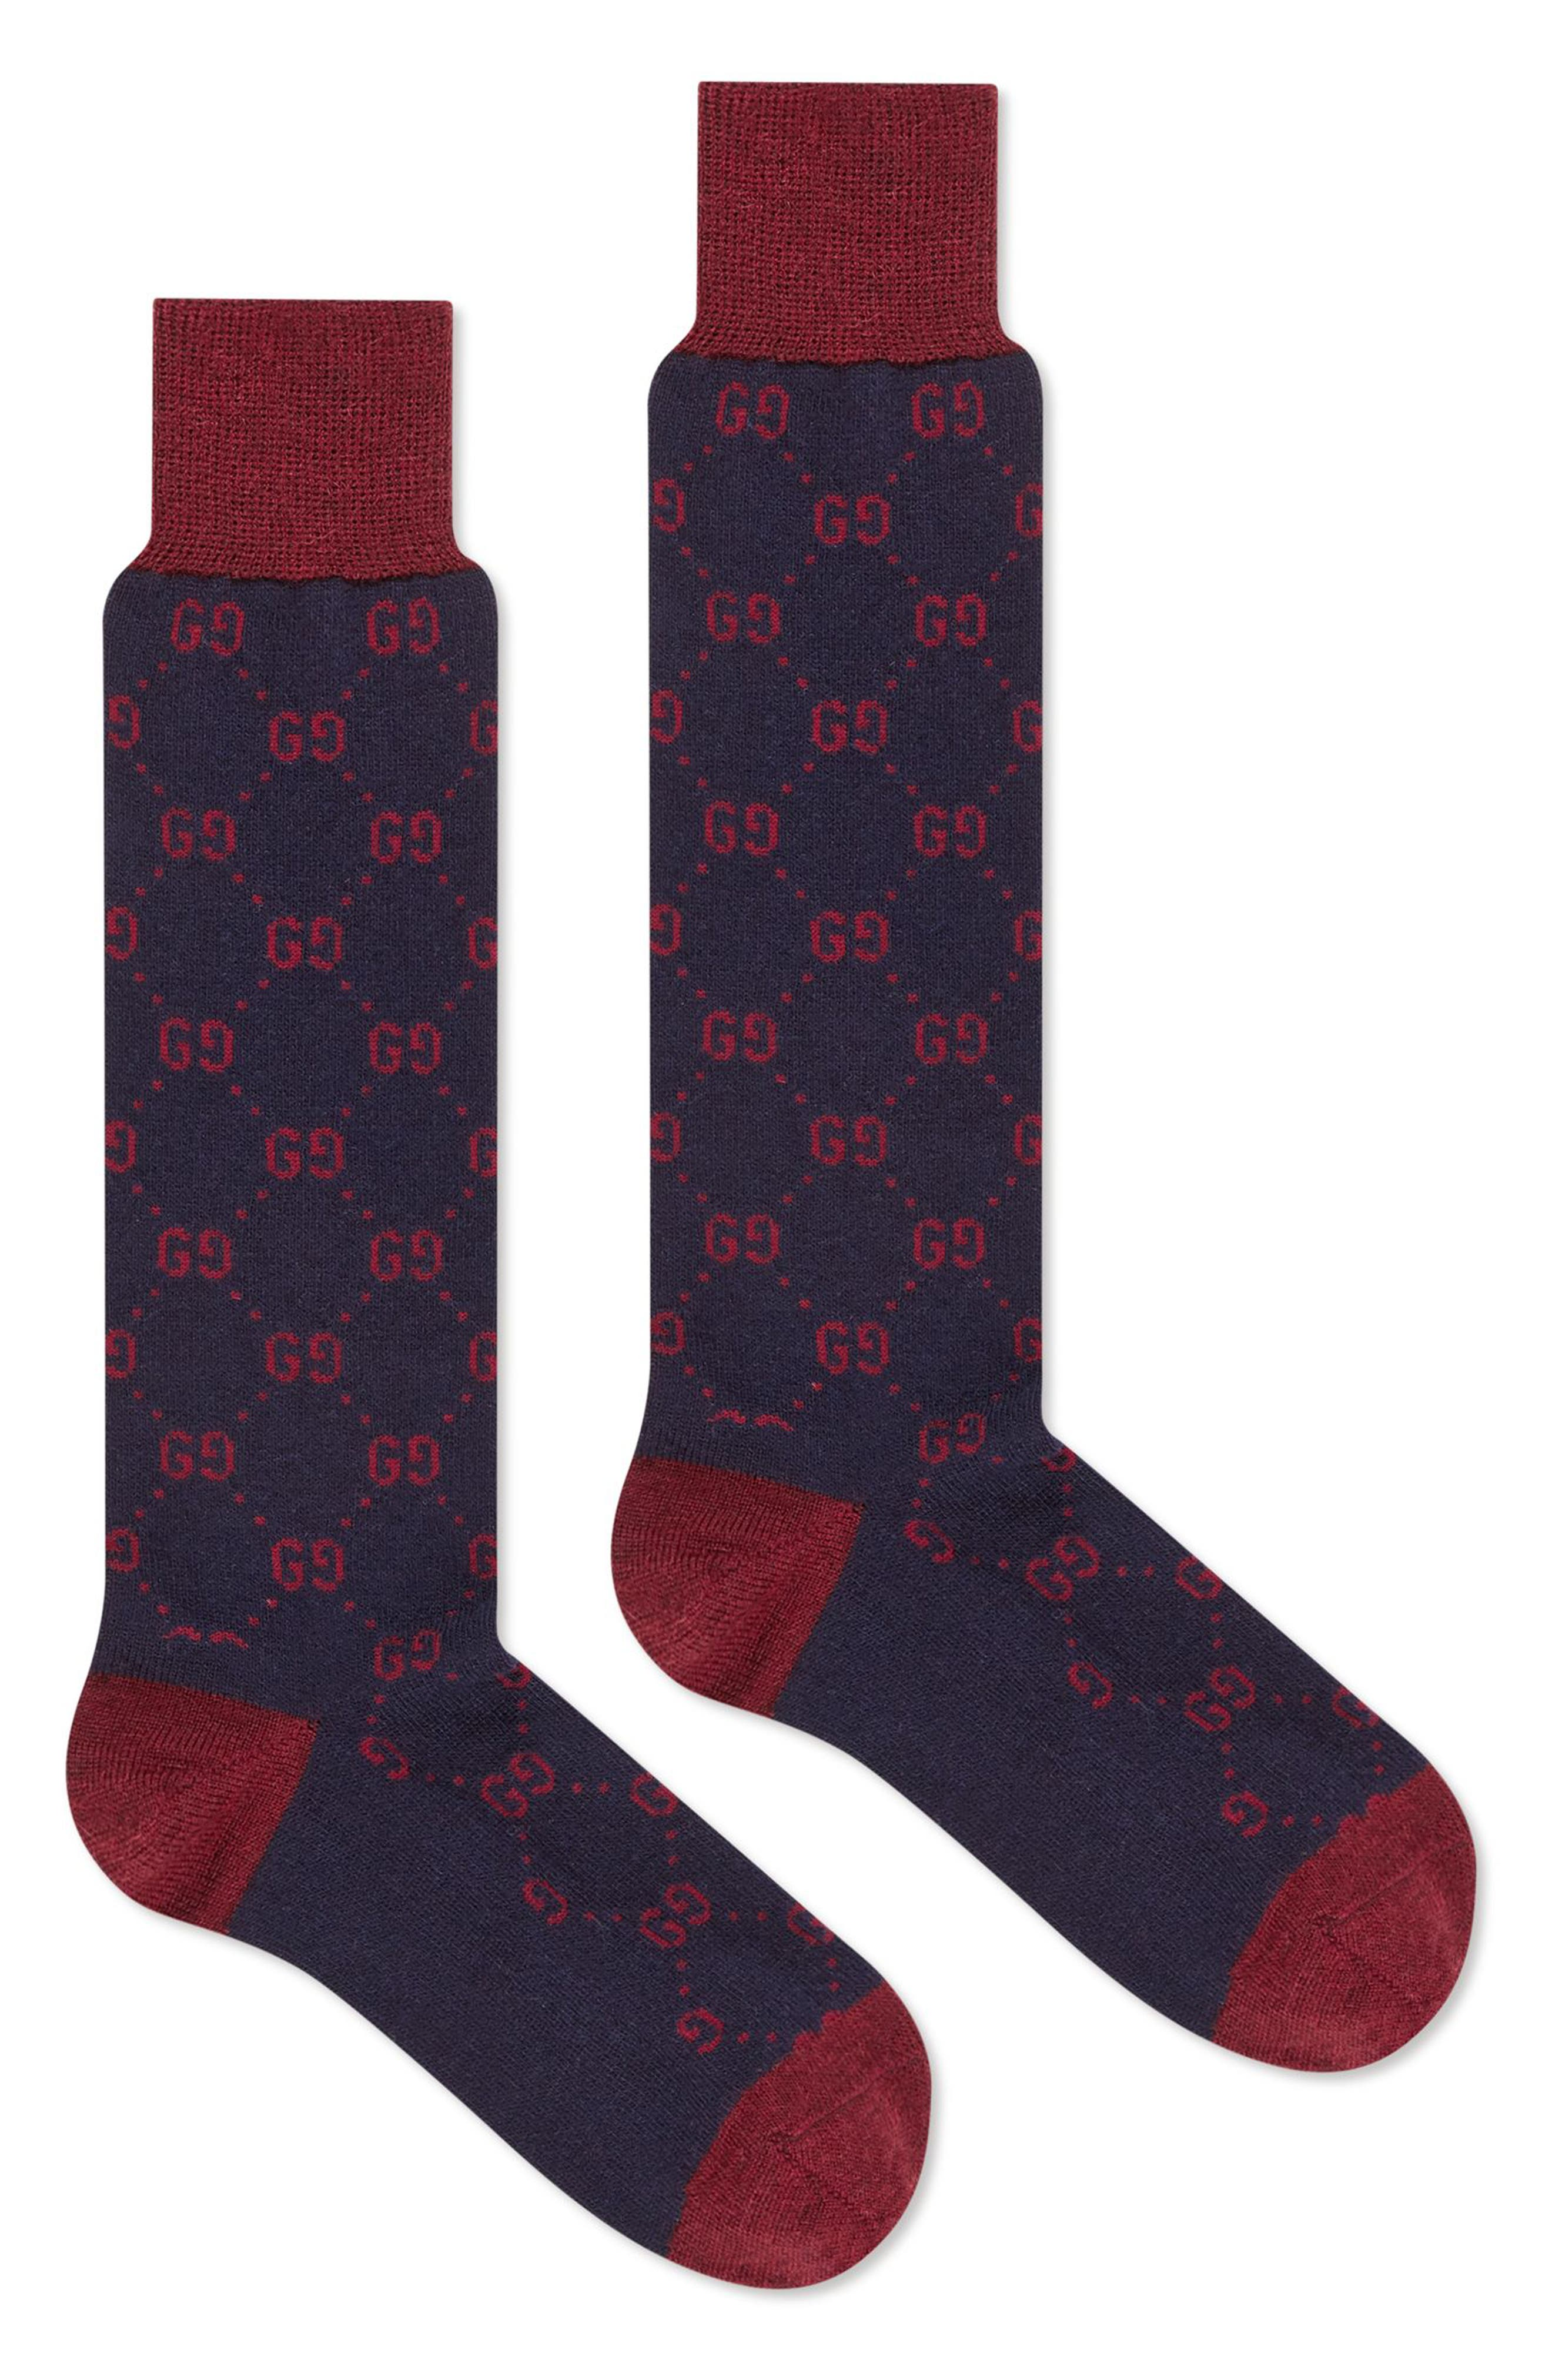 GG Socks,                             Alternate thumbnail 2, color,                             BLUE/ RED